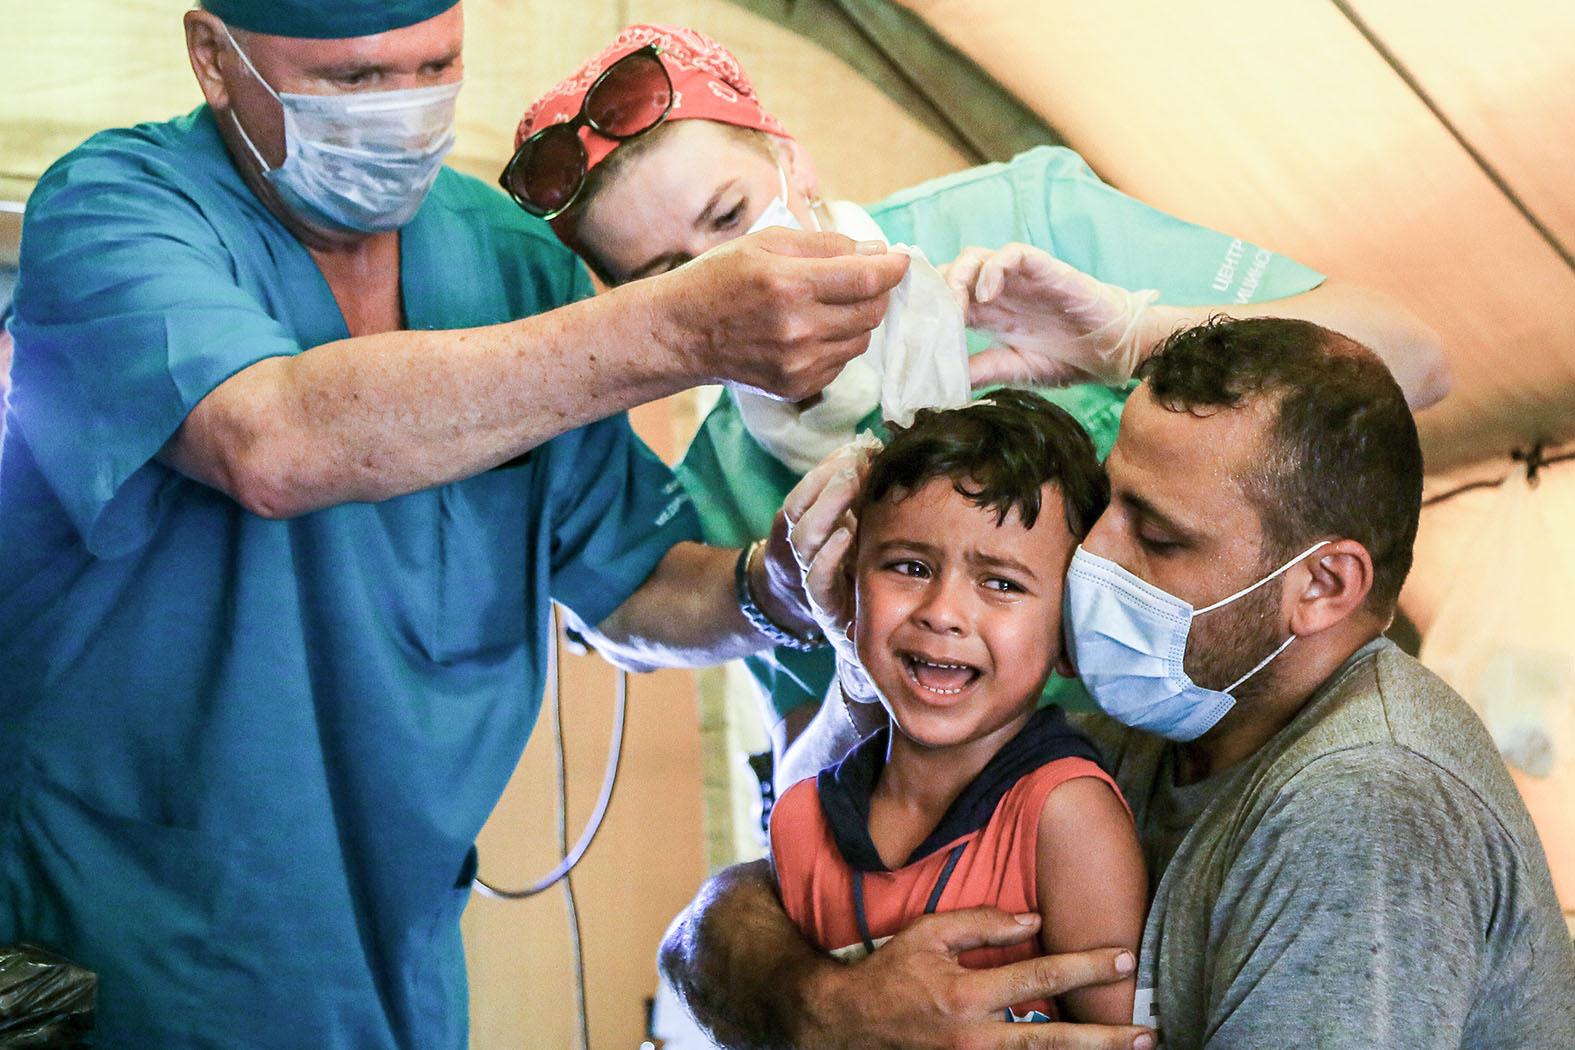 Российские медики стали одними из первых, кто начал оказывать помощь пострадавшим в результате взрыва. Фото : Marwan Naamani/dpa/Global Look Press